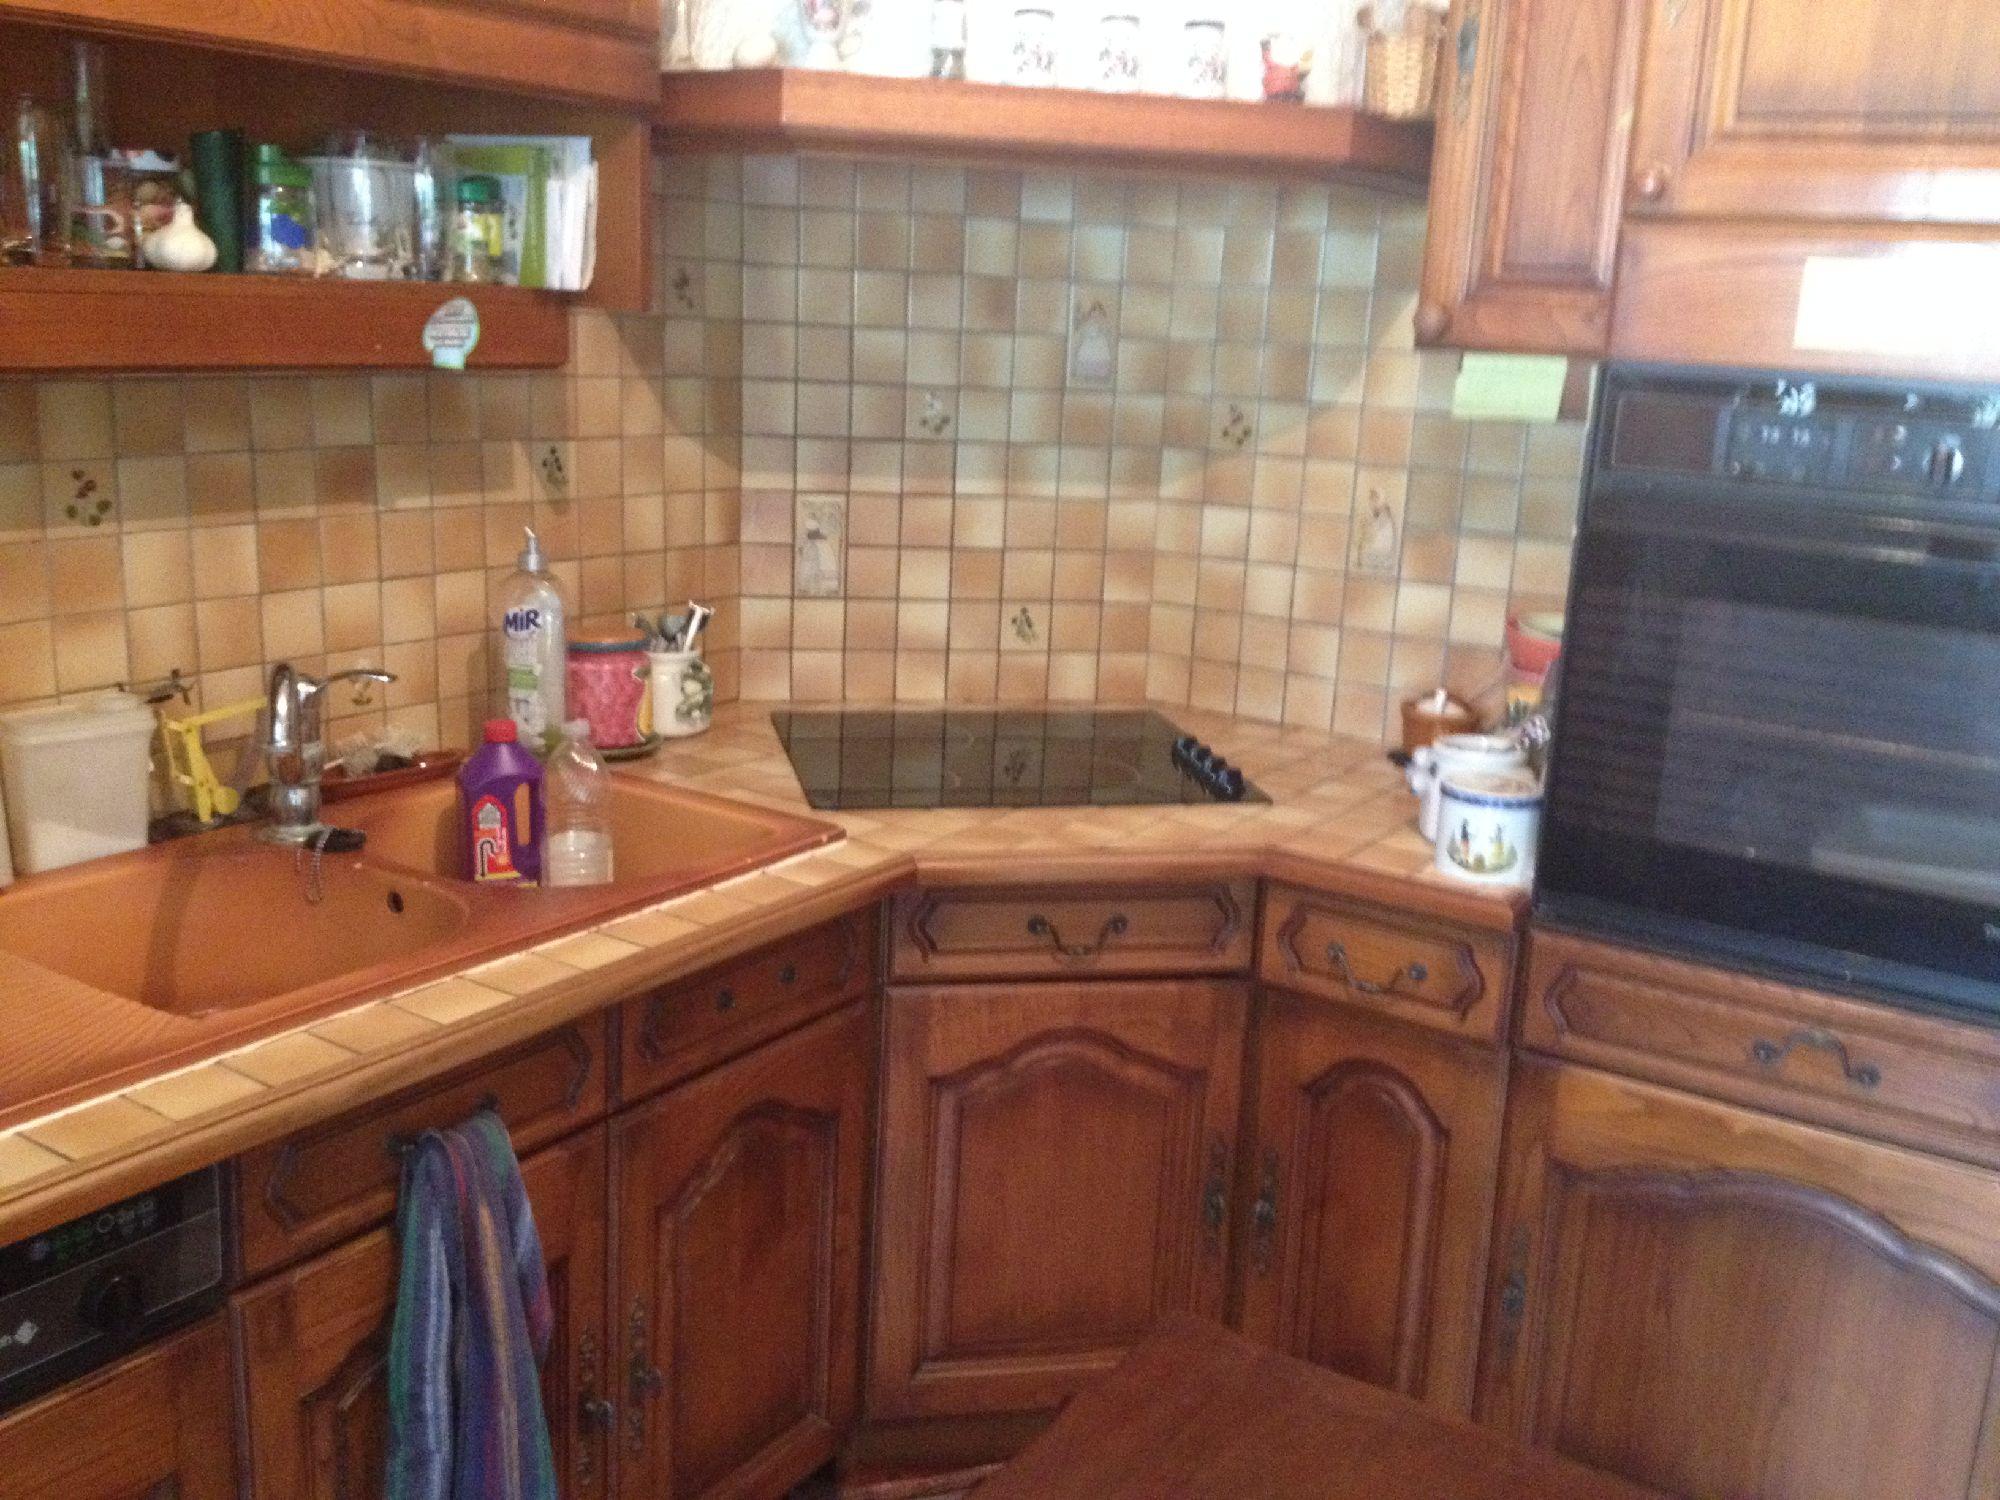 Vente maison raismes prix 111 000 hni ref 59175 715 - Surface habitable minimum d une chambre ...